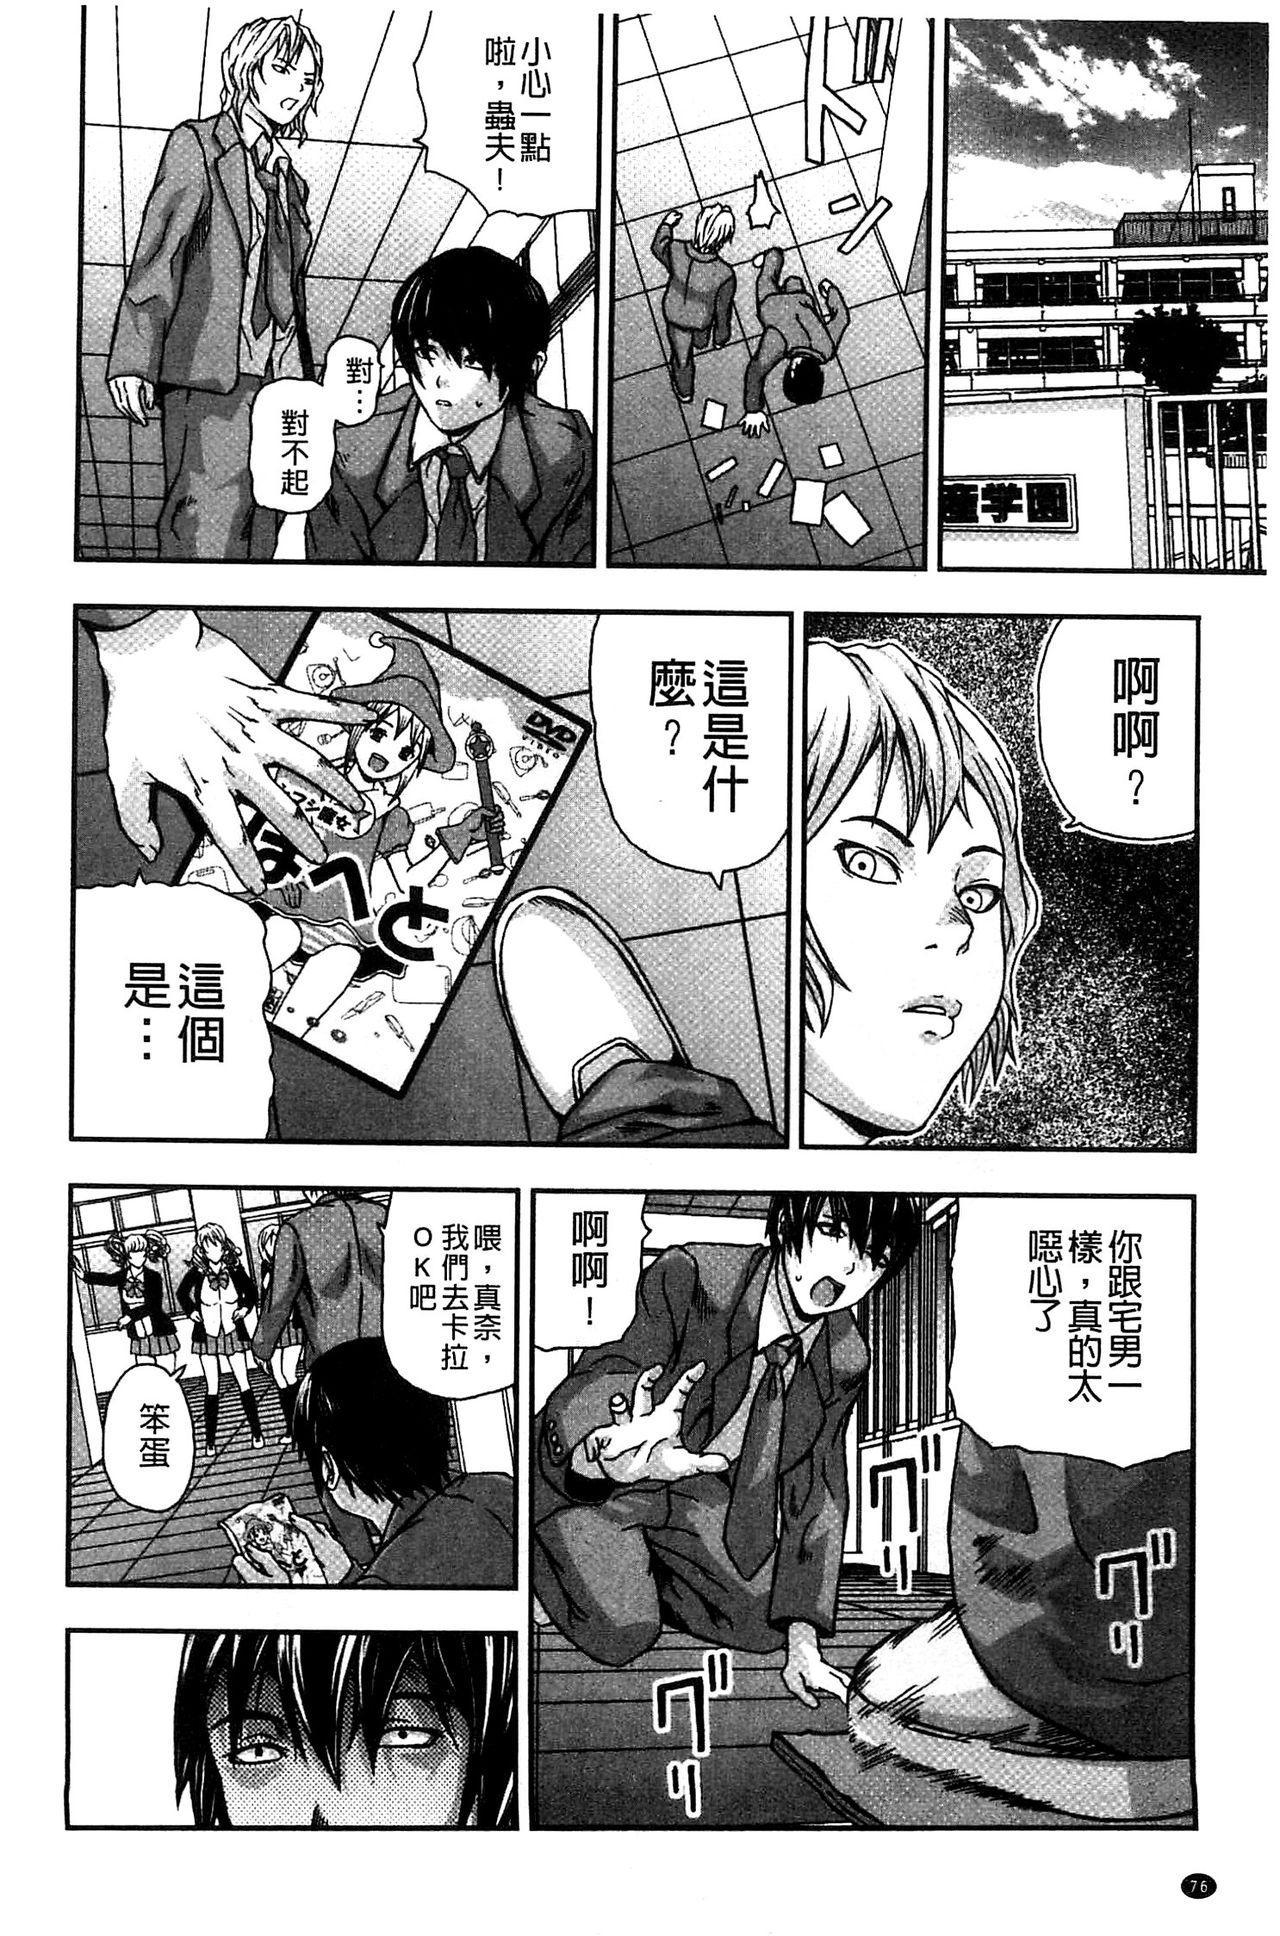 Koijirushi Love Milk | 戀印愛慾鮮乳 77